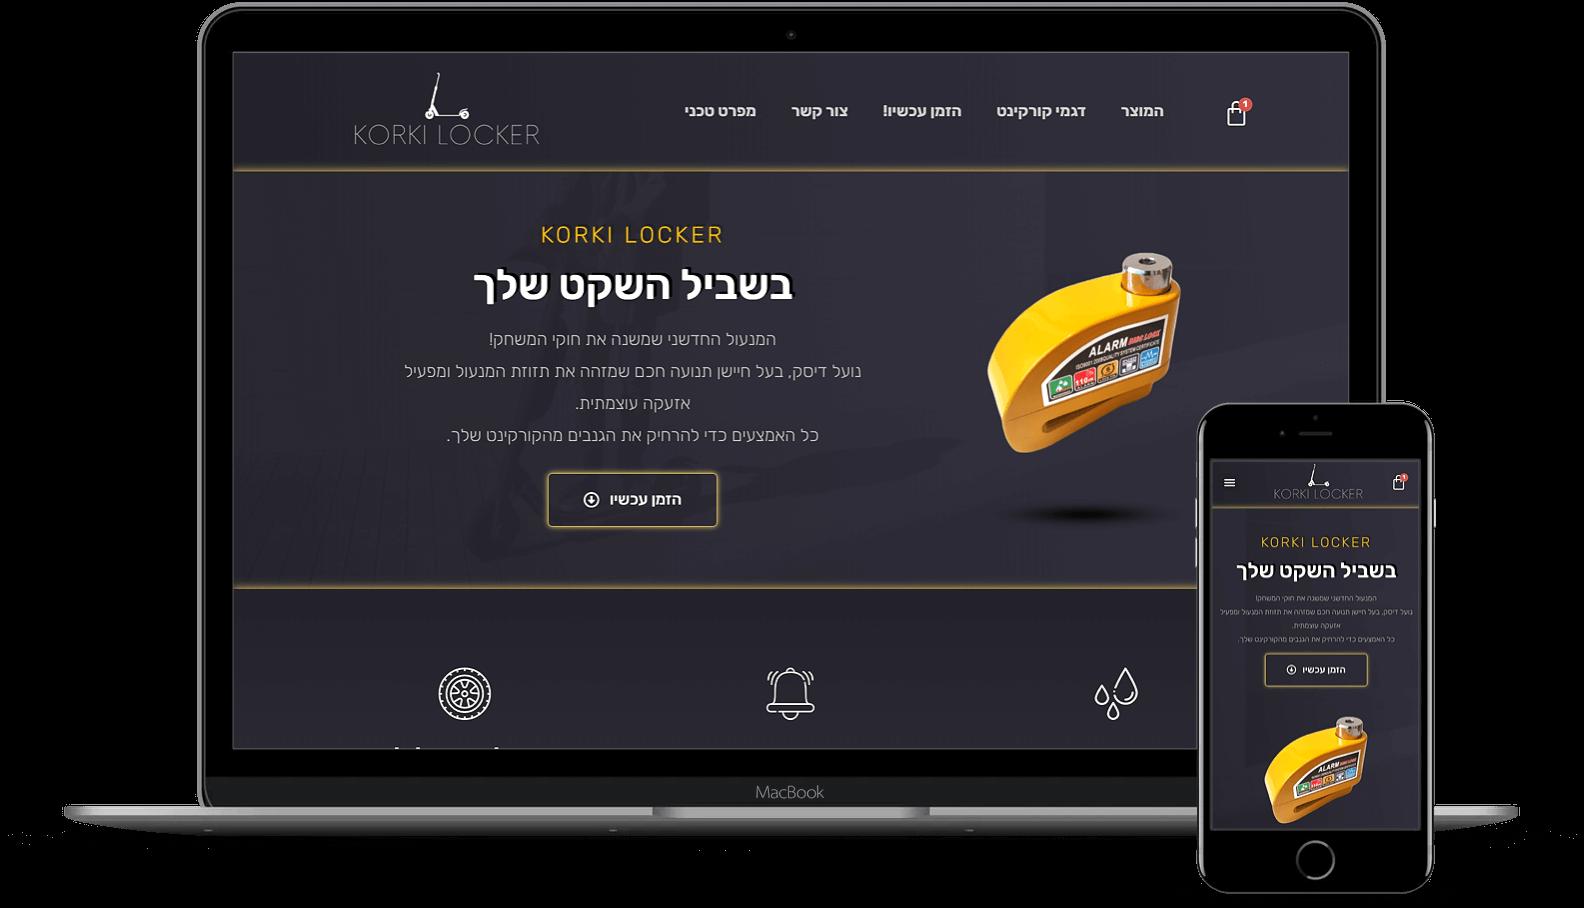 korki-locker.com